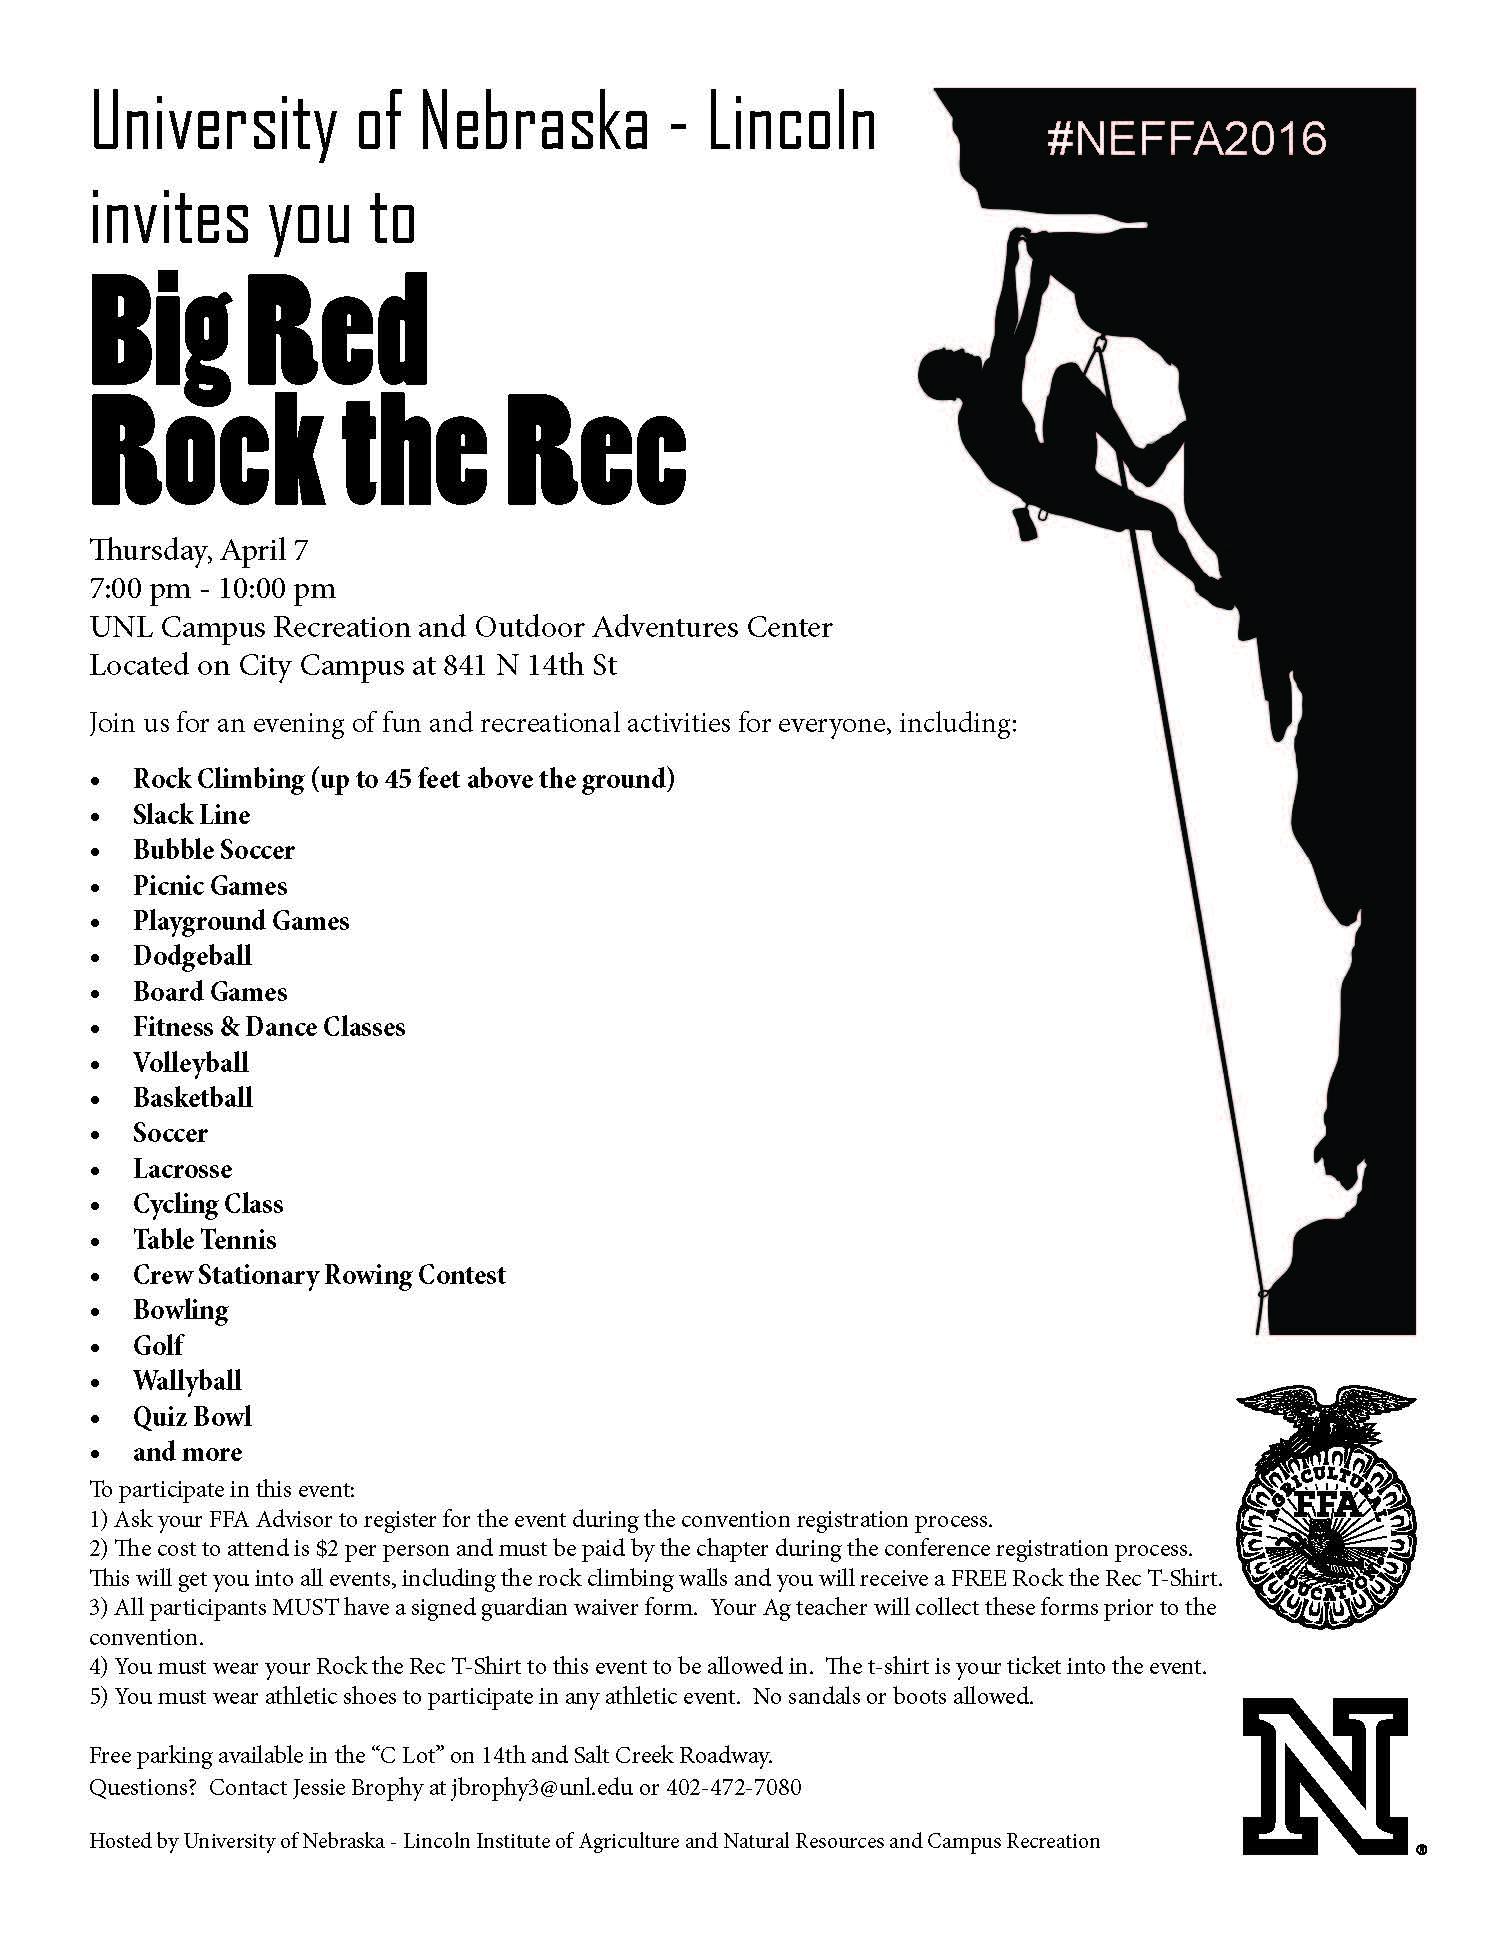 Big Red Rock the Rec event flyer